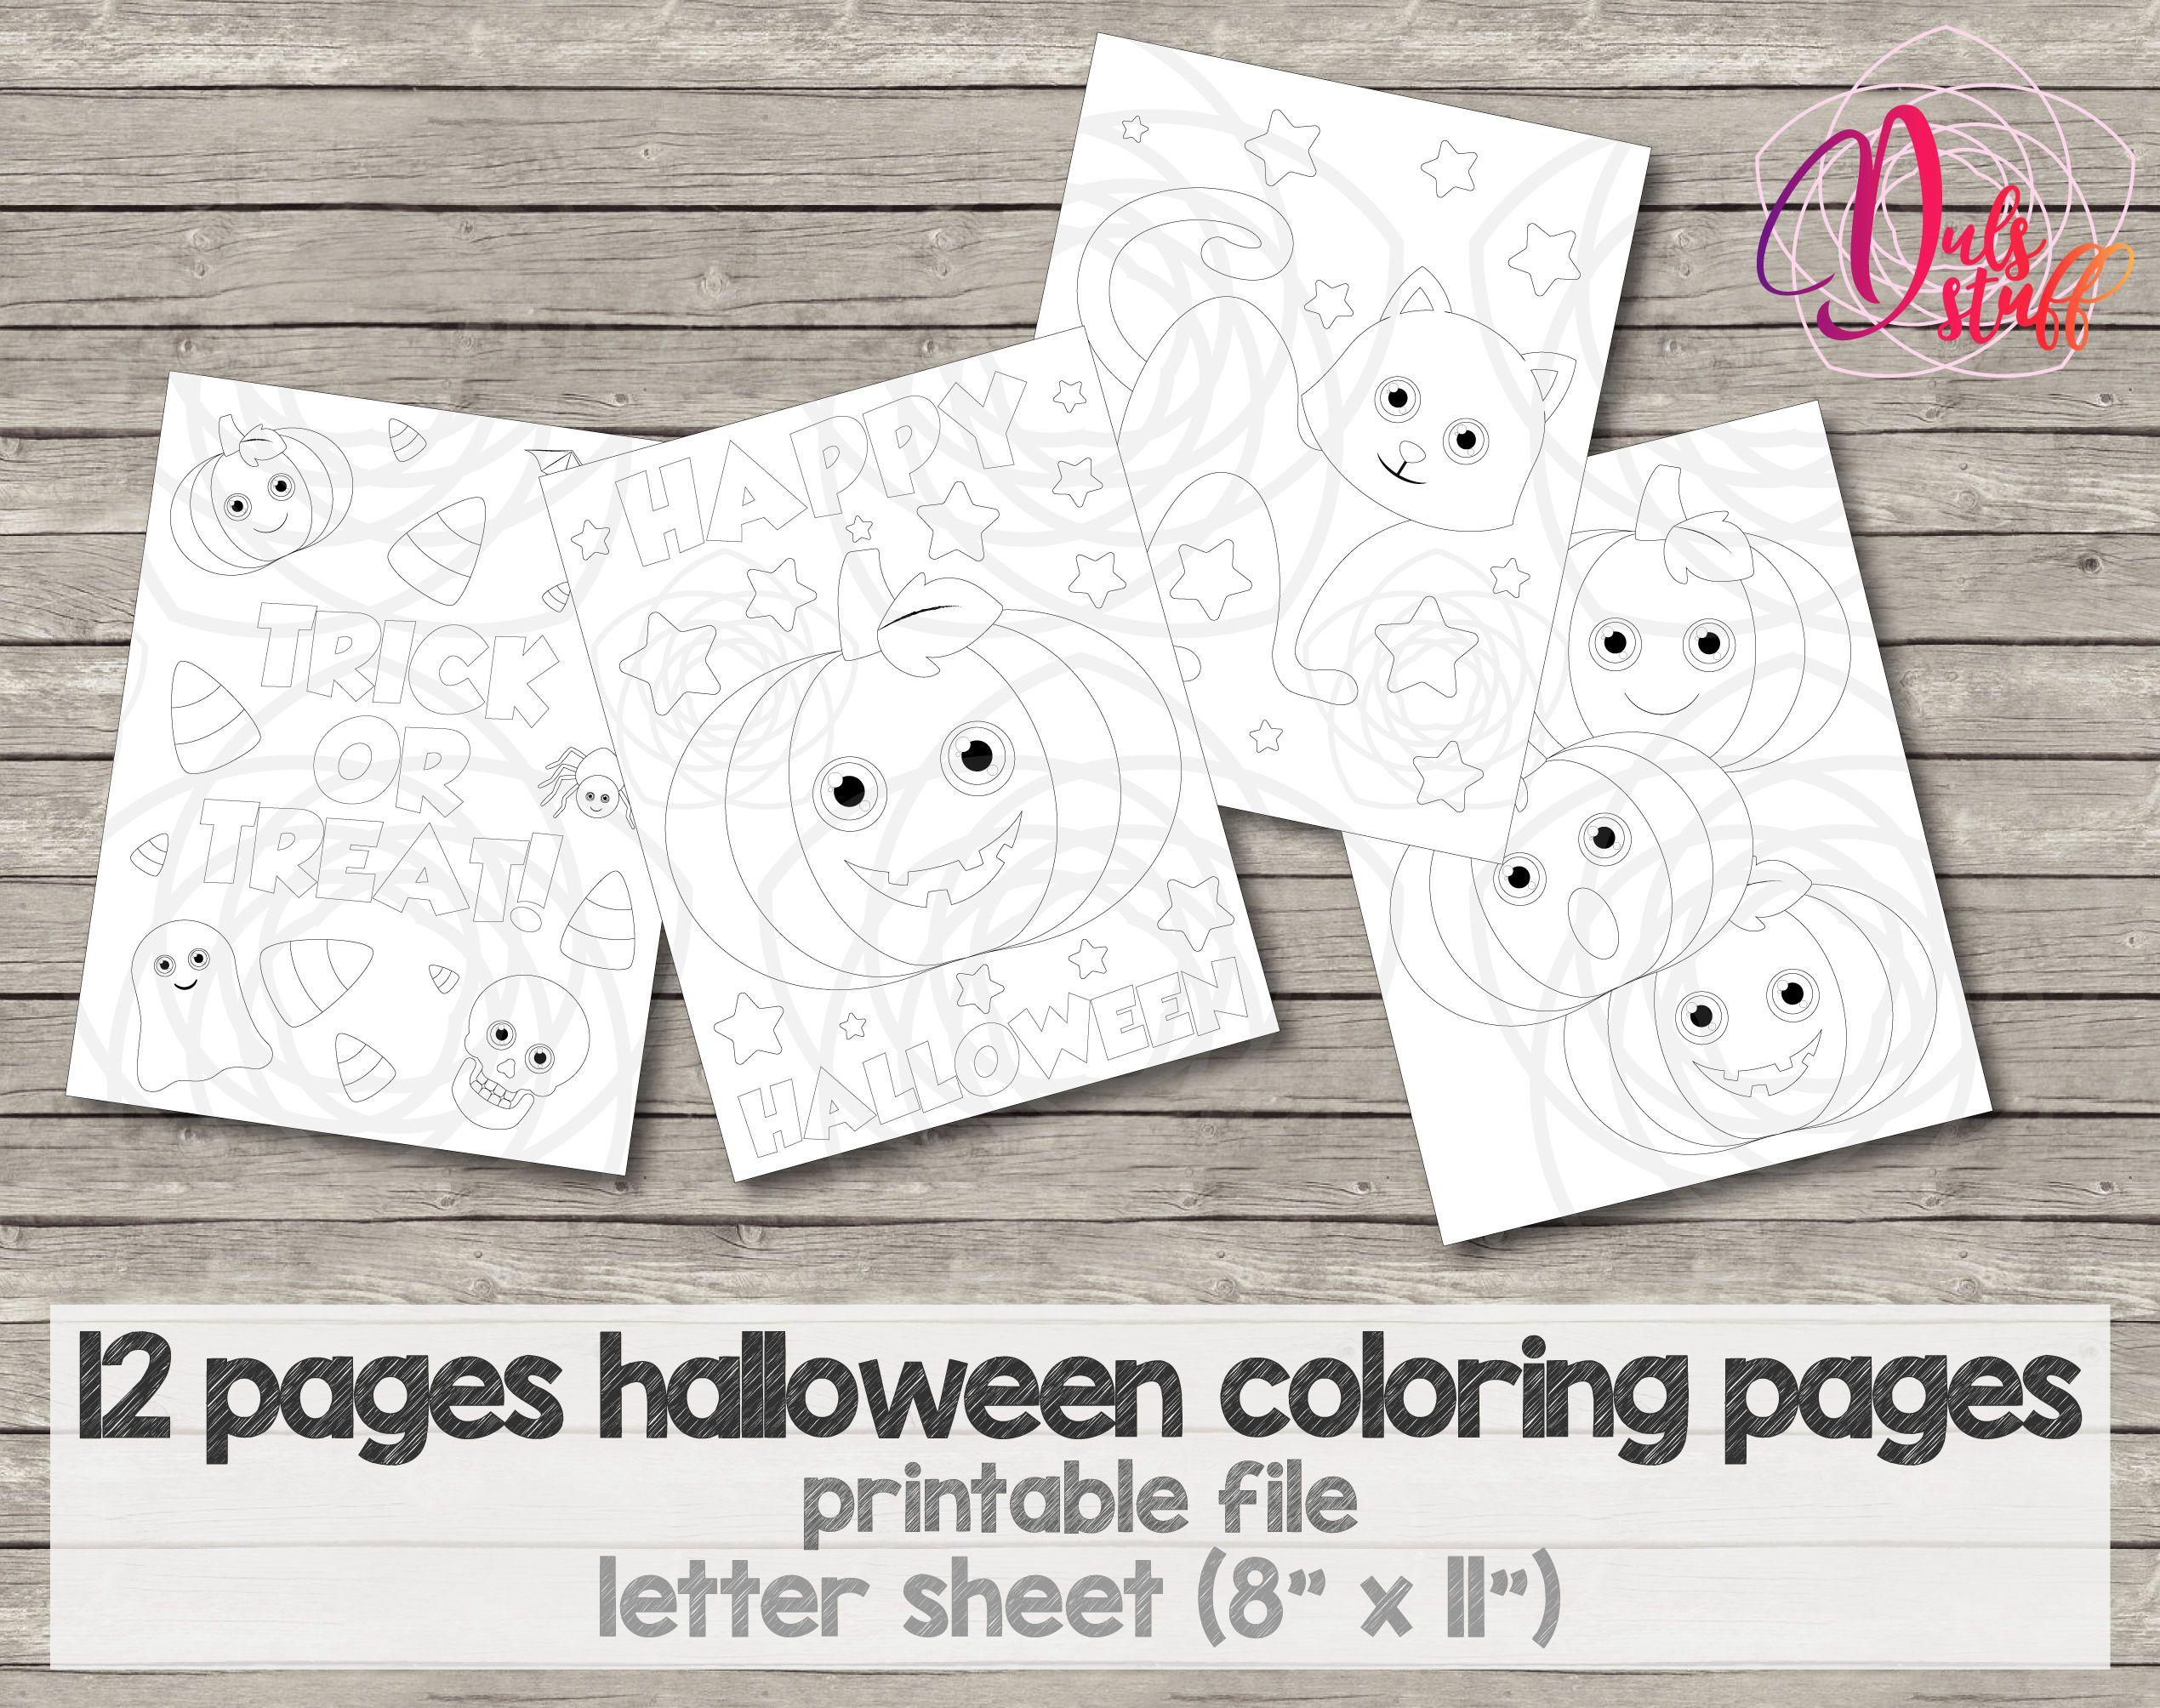 Páginas para colorear de halloween, fantasma, calabaza, bruj ...